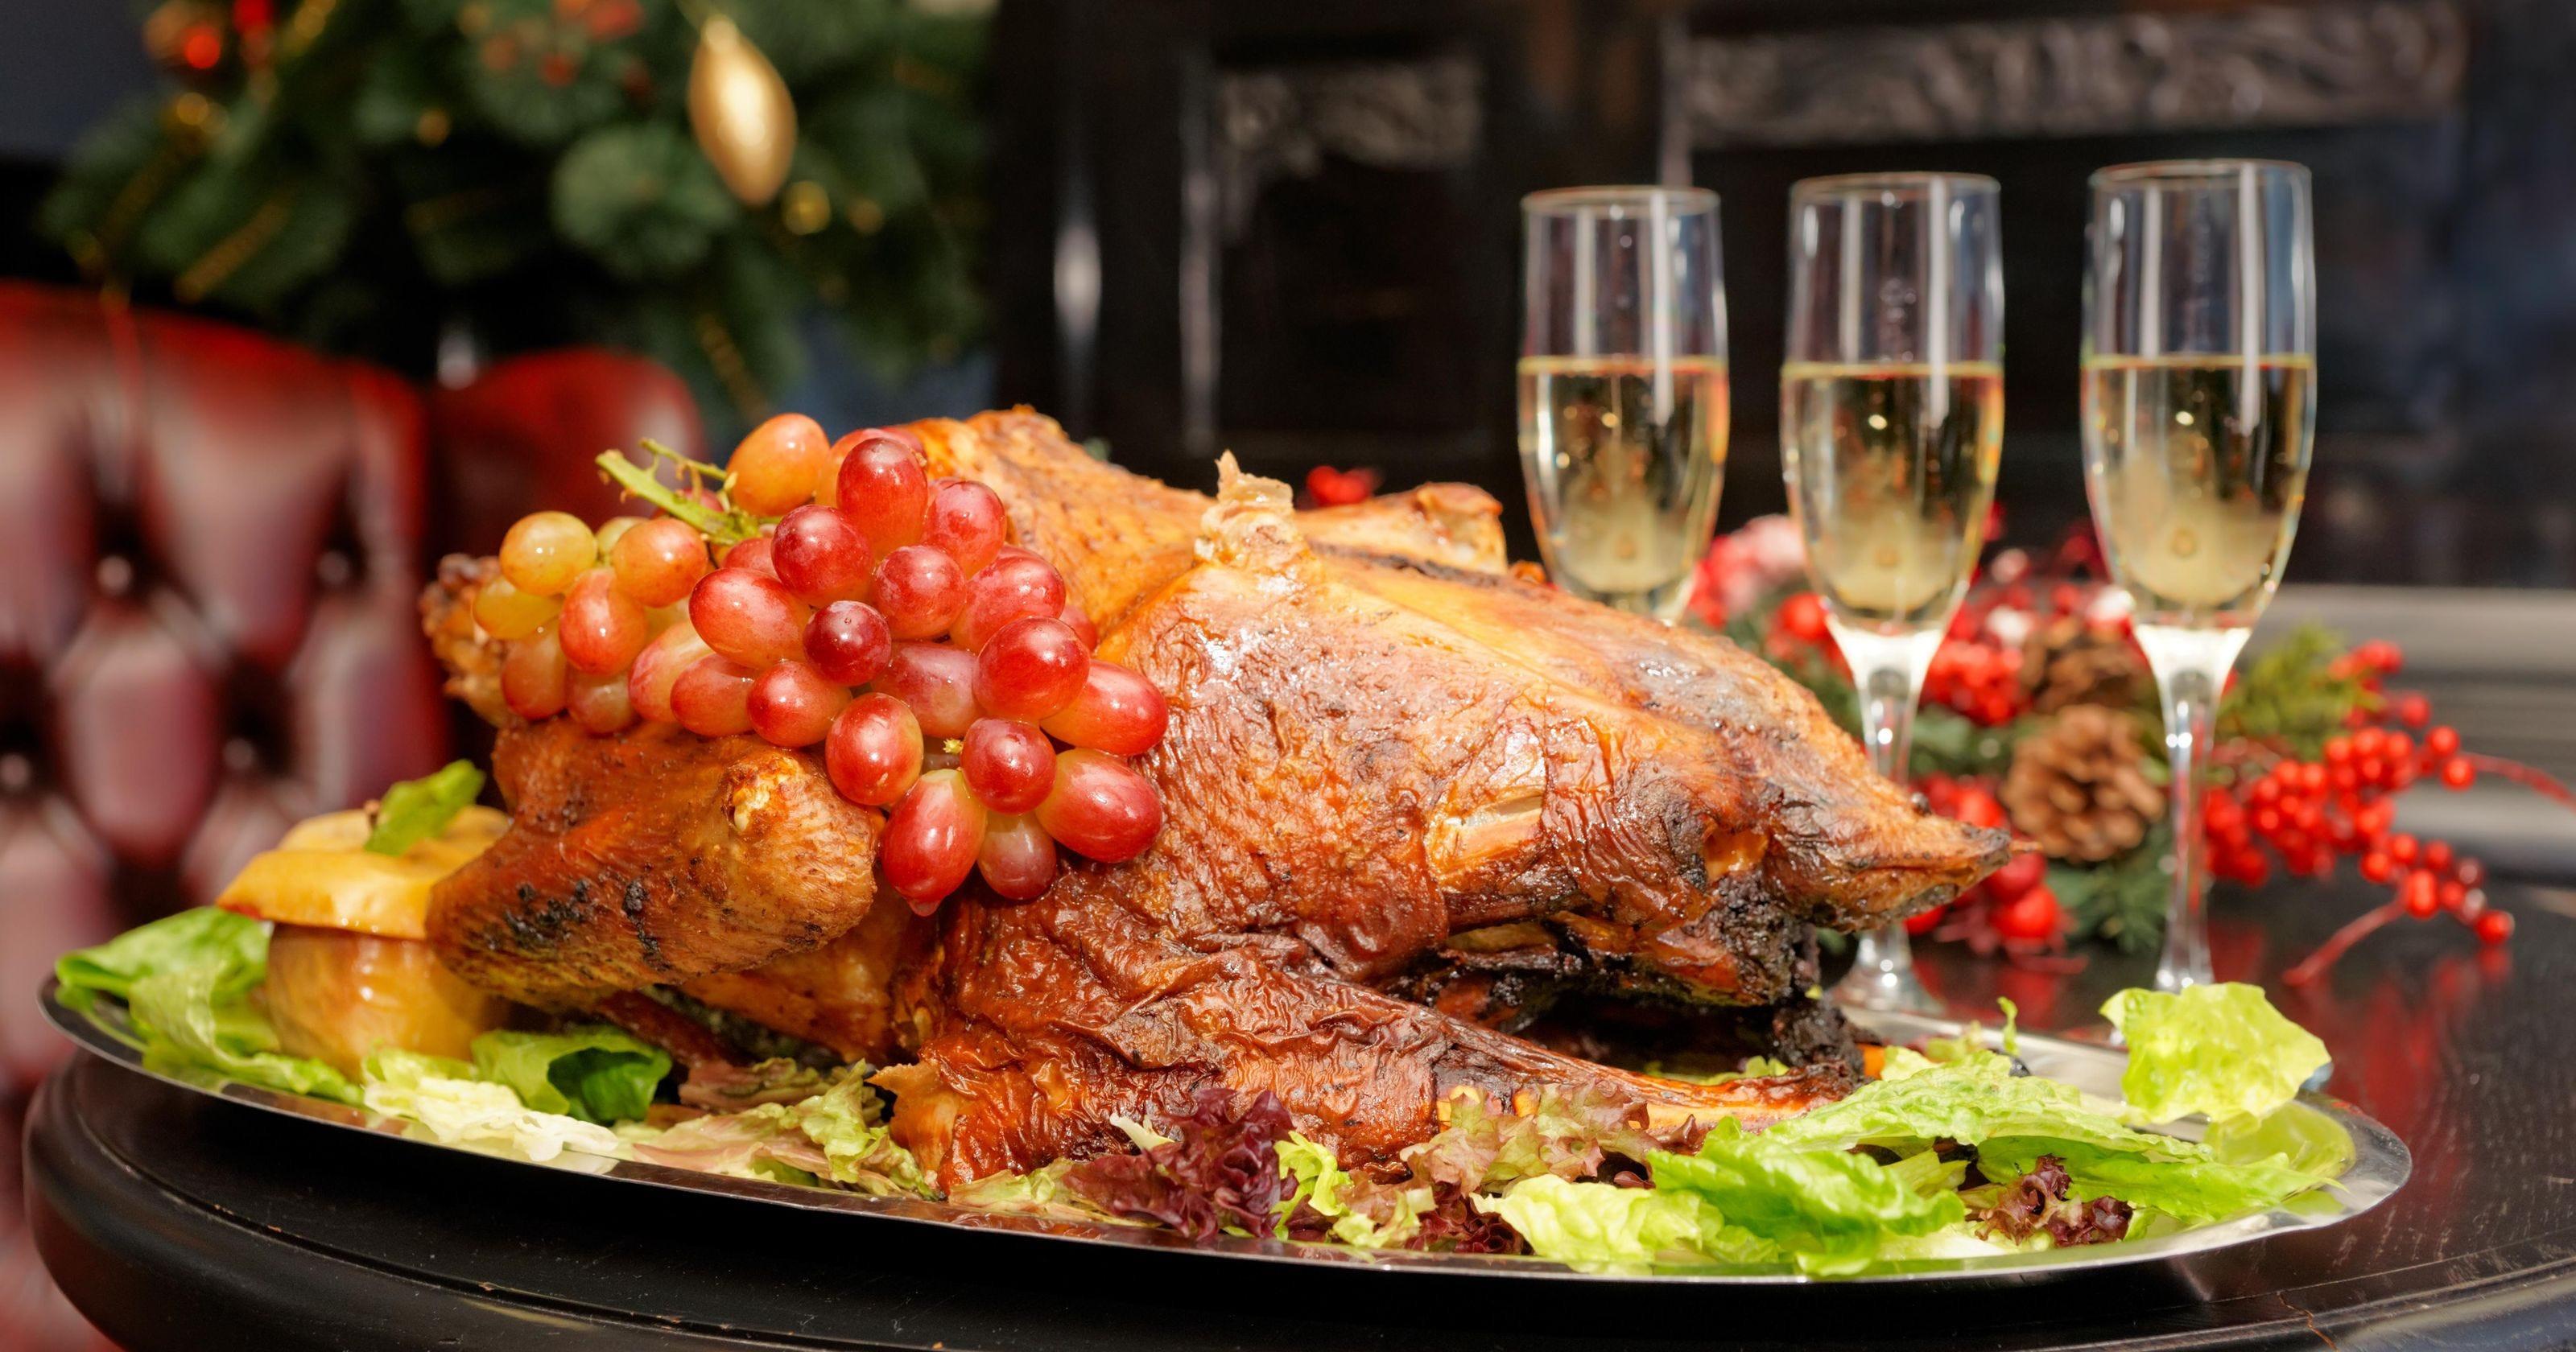 Restaurant Thanksgiving Dinner  Local restaurants offer Thanksgiving dinner options